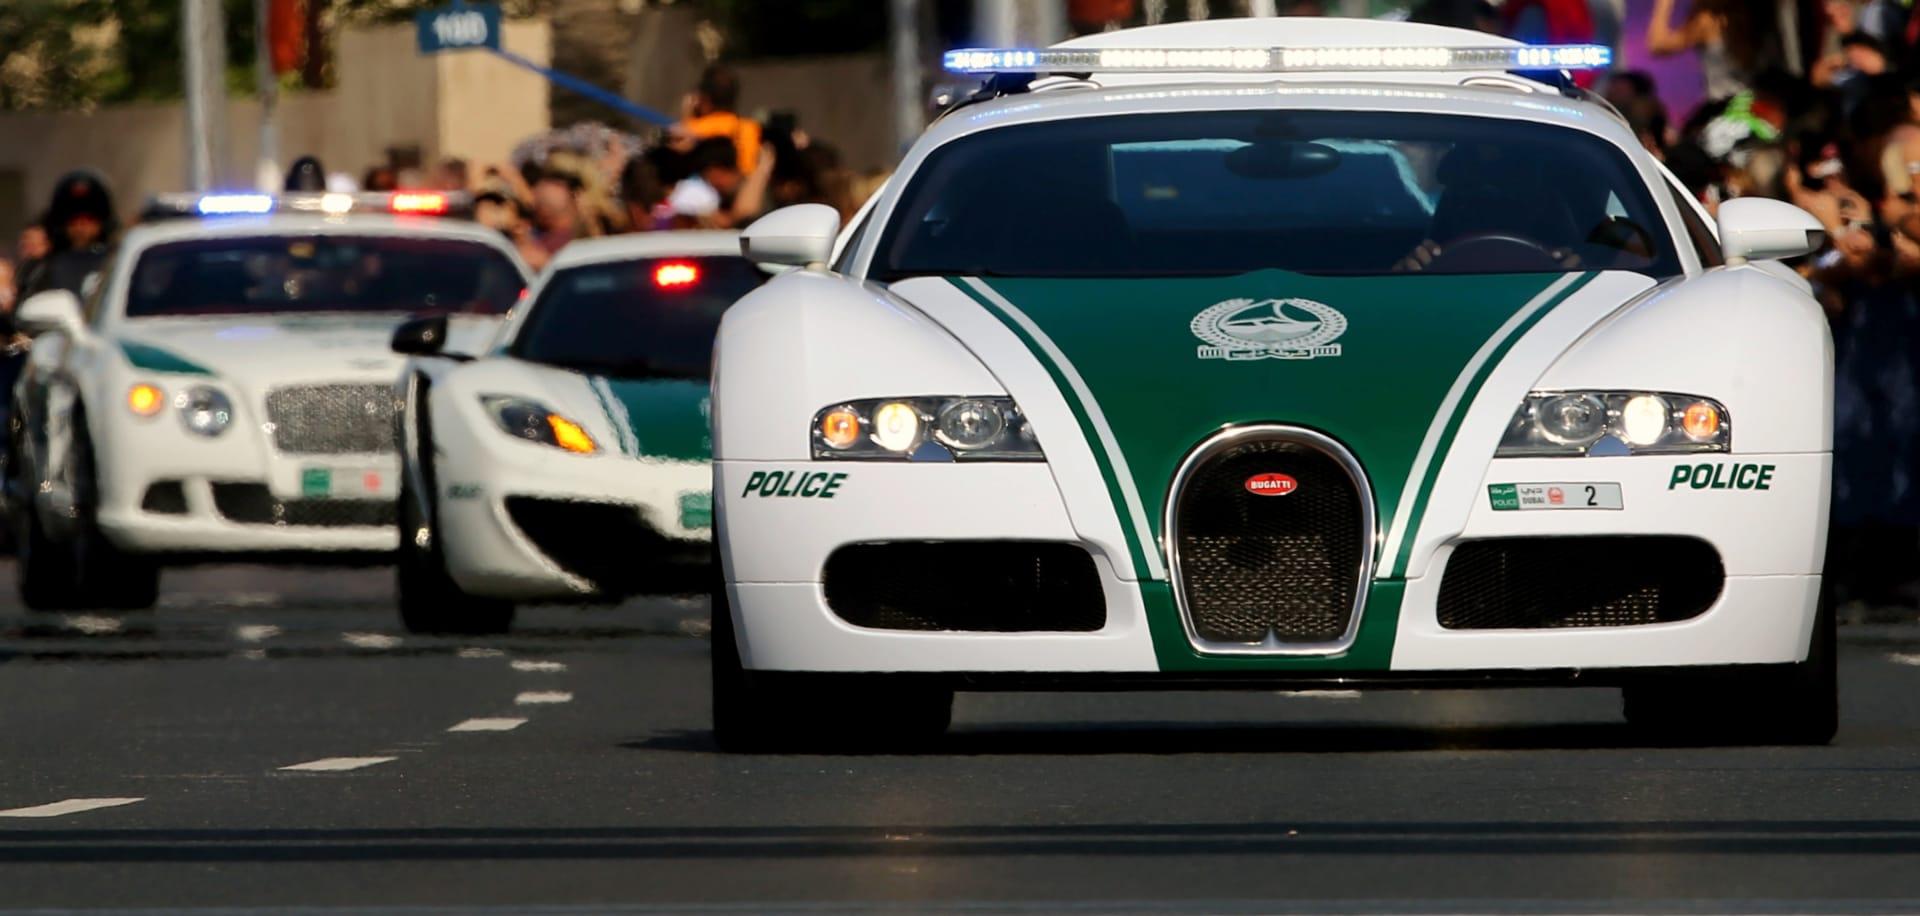 شرطة دبي تُعلن ضبط زعيم عصابة مخدرات في عملية مشتركة بين 10 دول